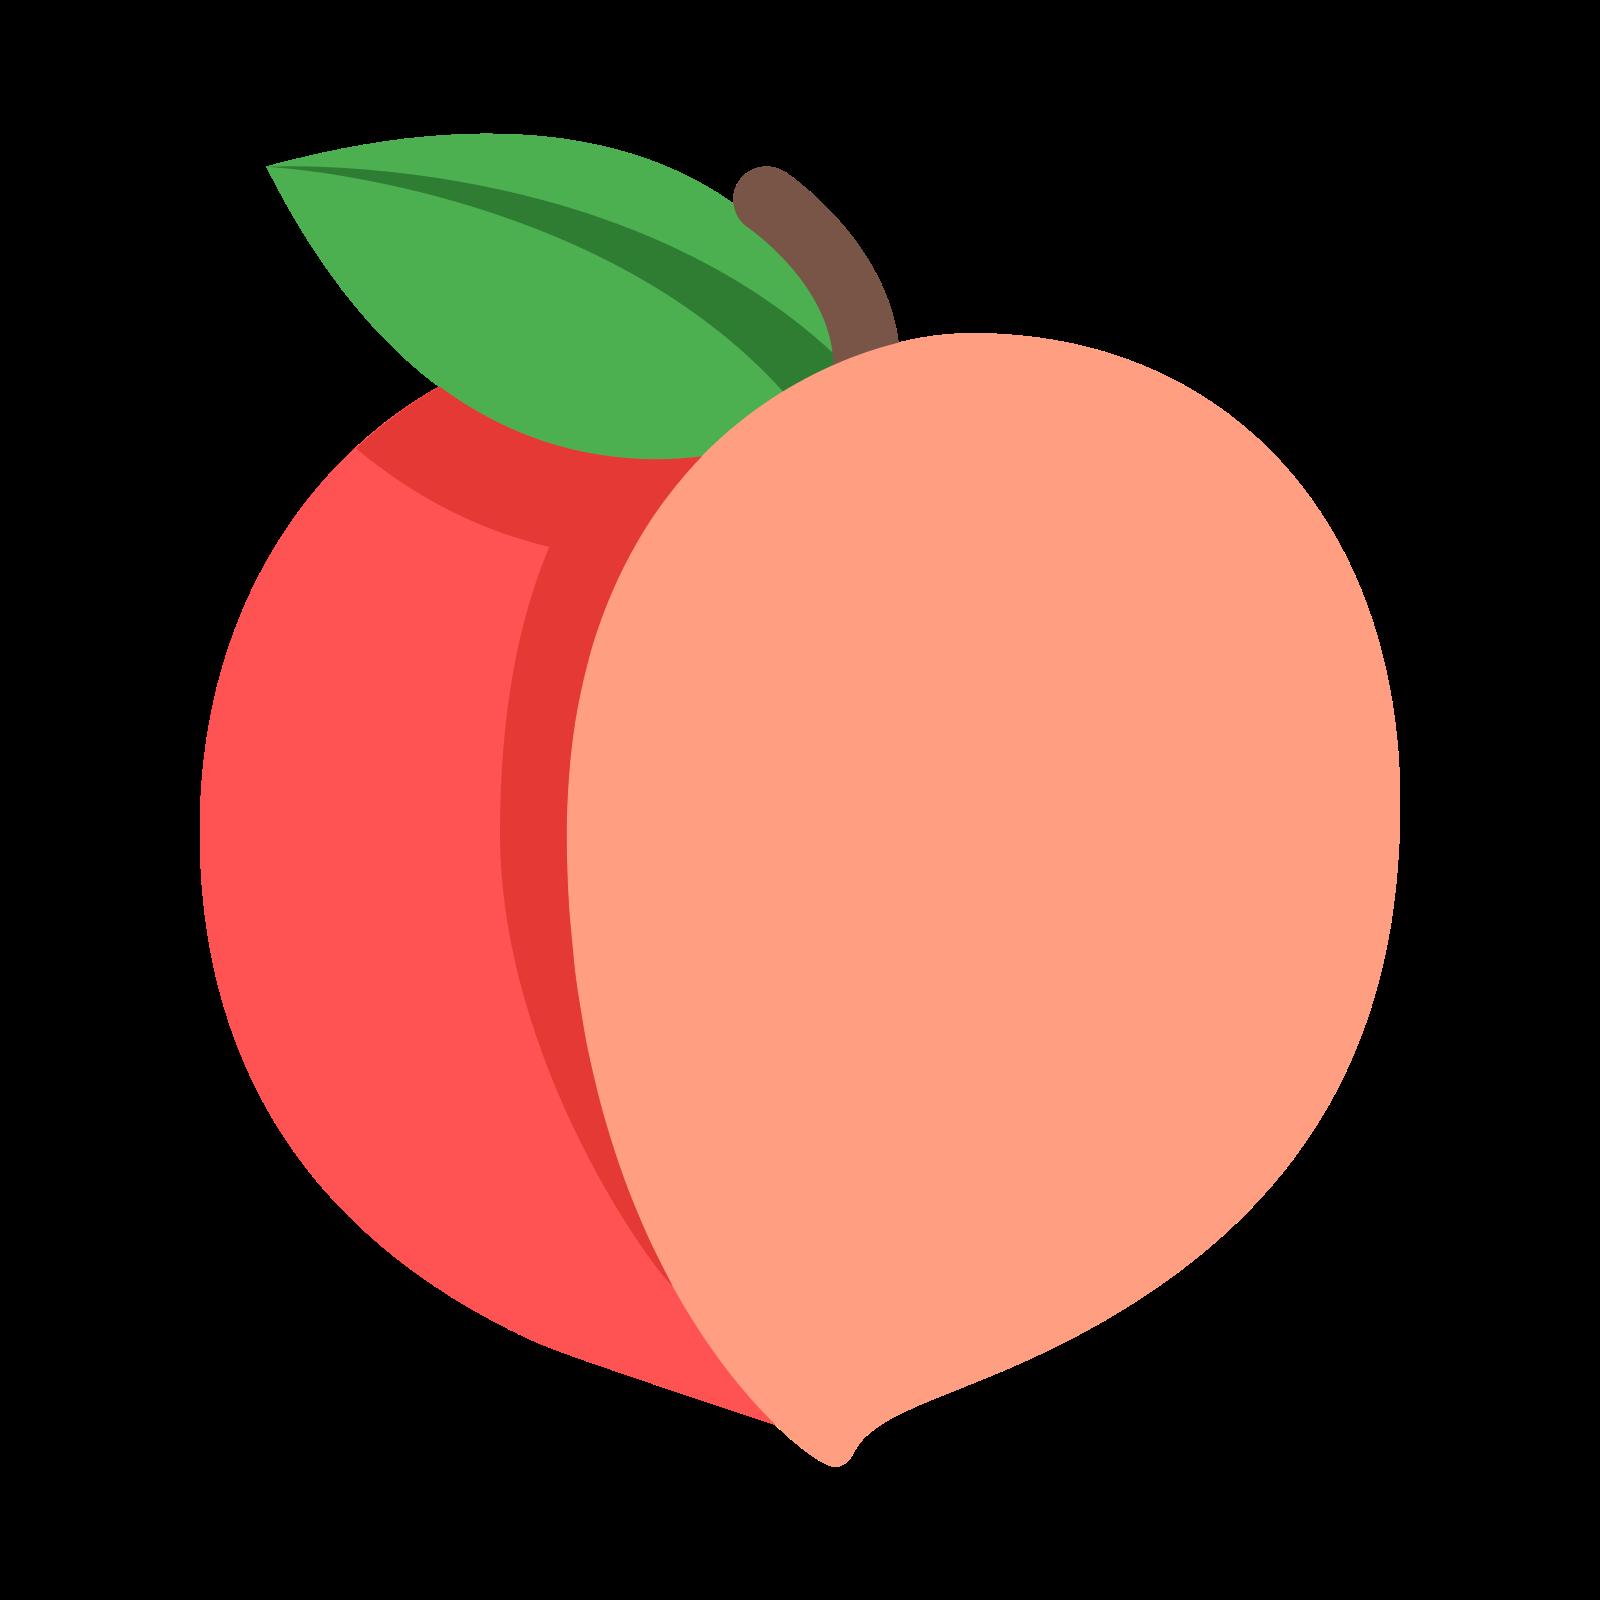 1600x1600 Peach Clipart Two